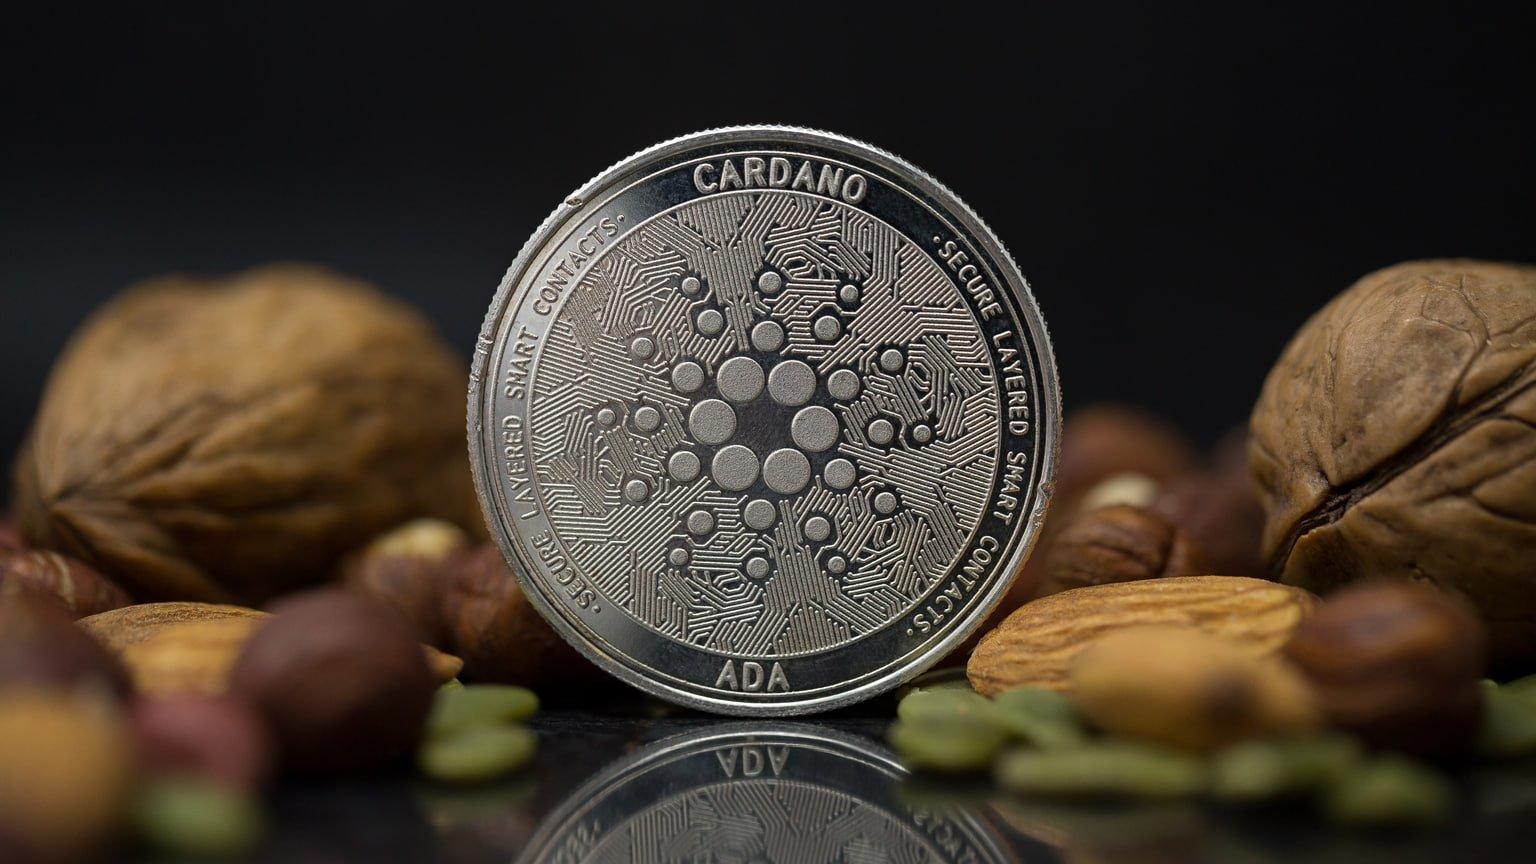 Проект Cardano представил амбициозную стратегию на 2020 год